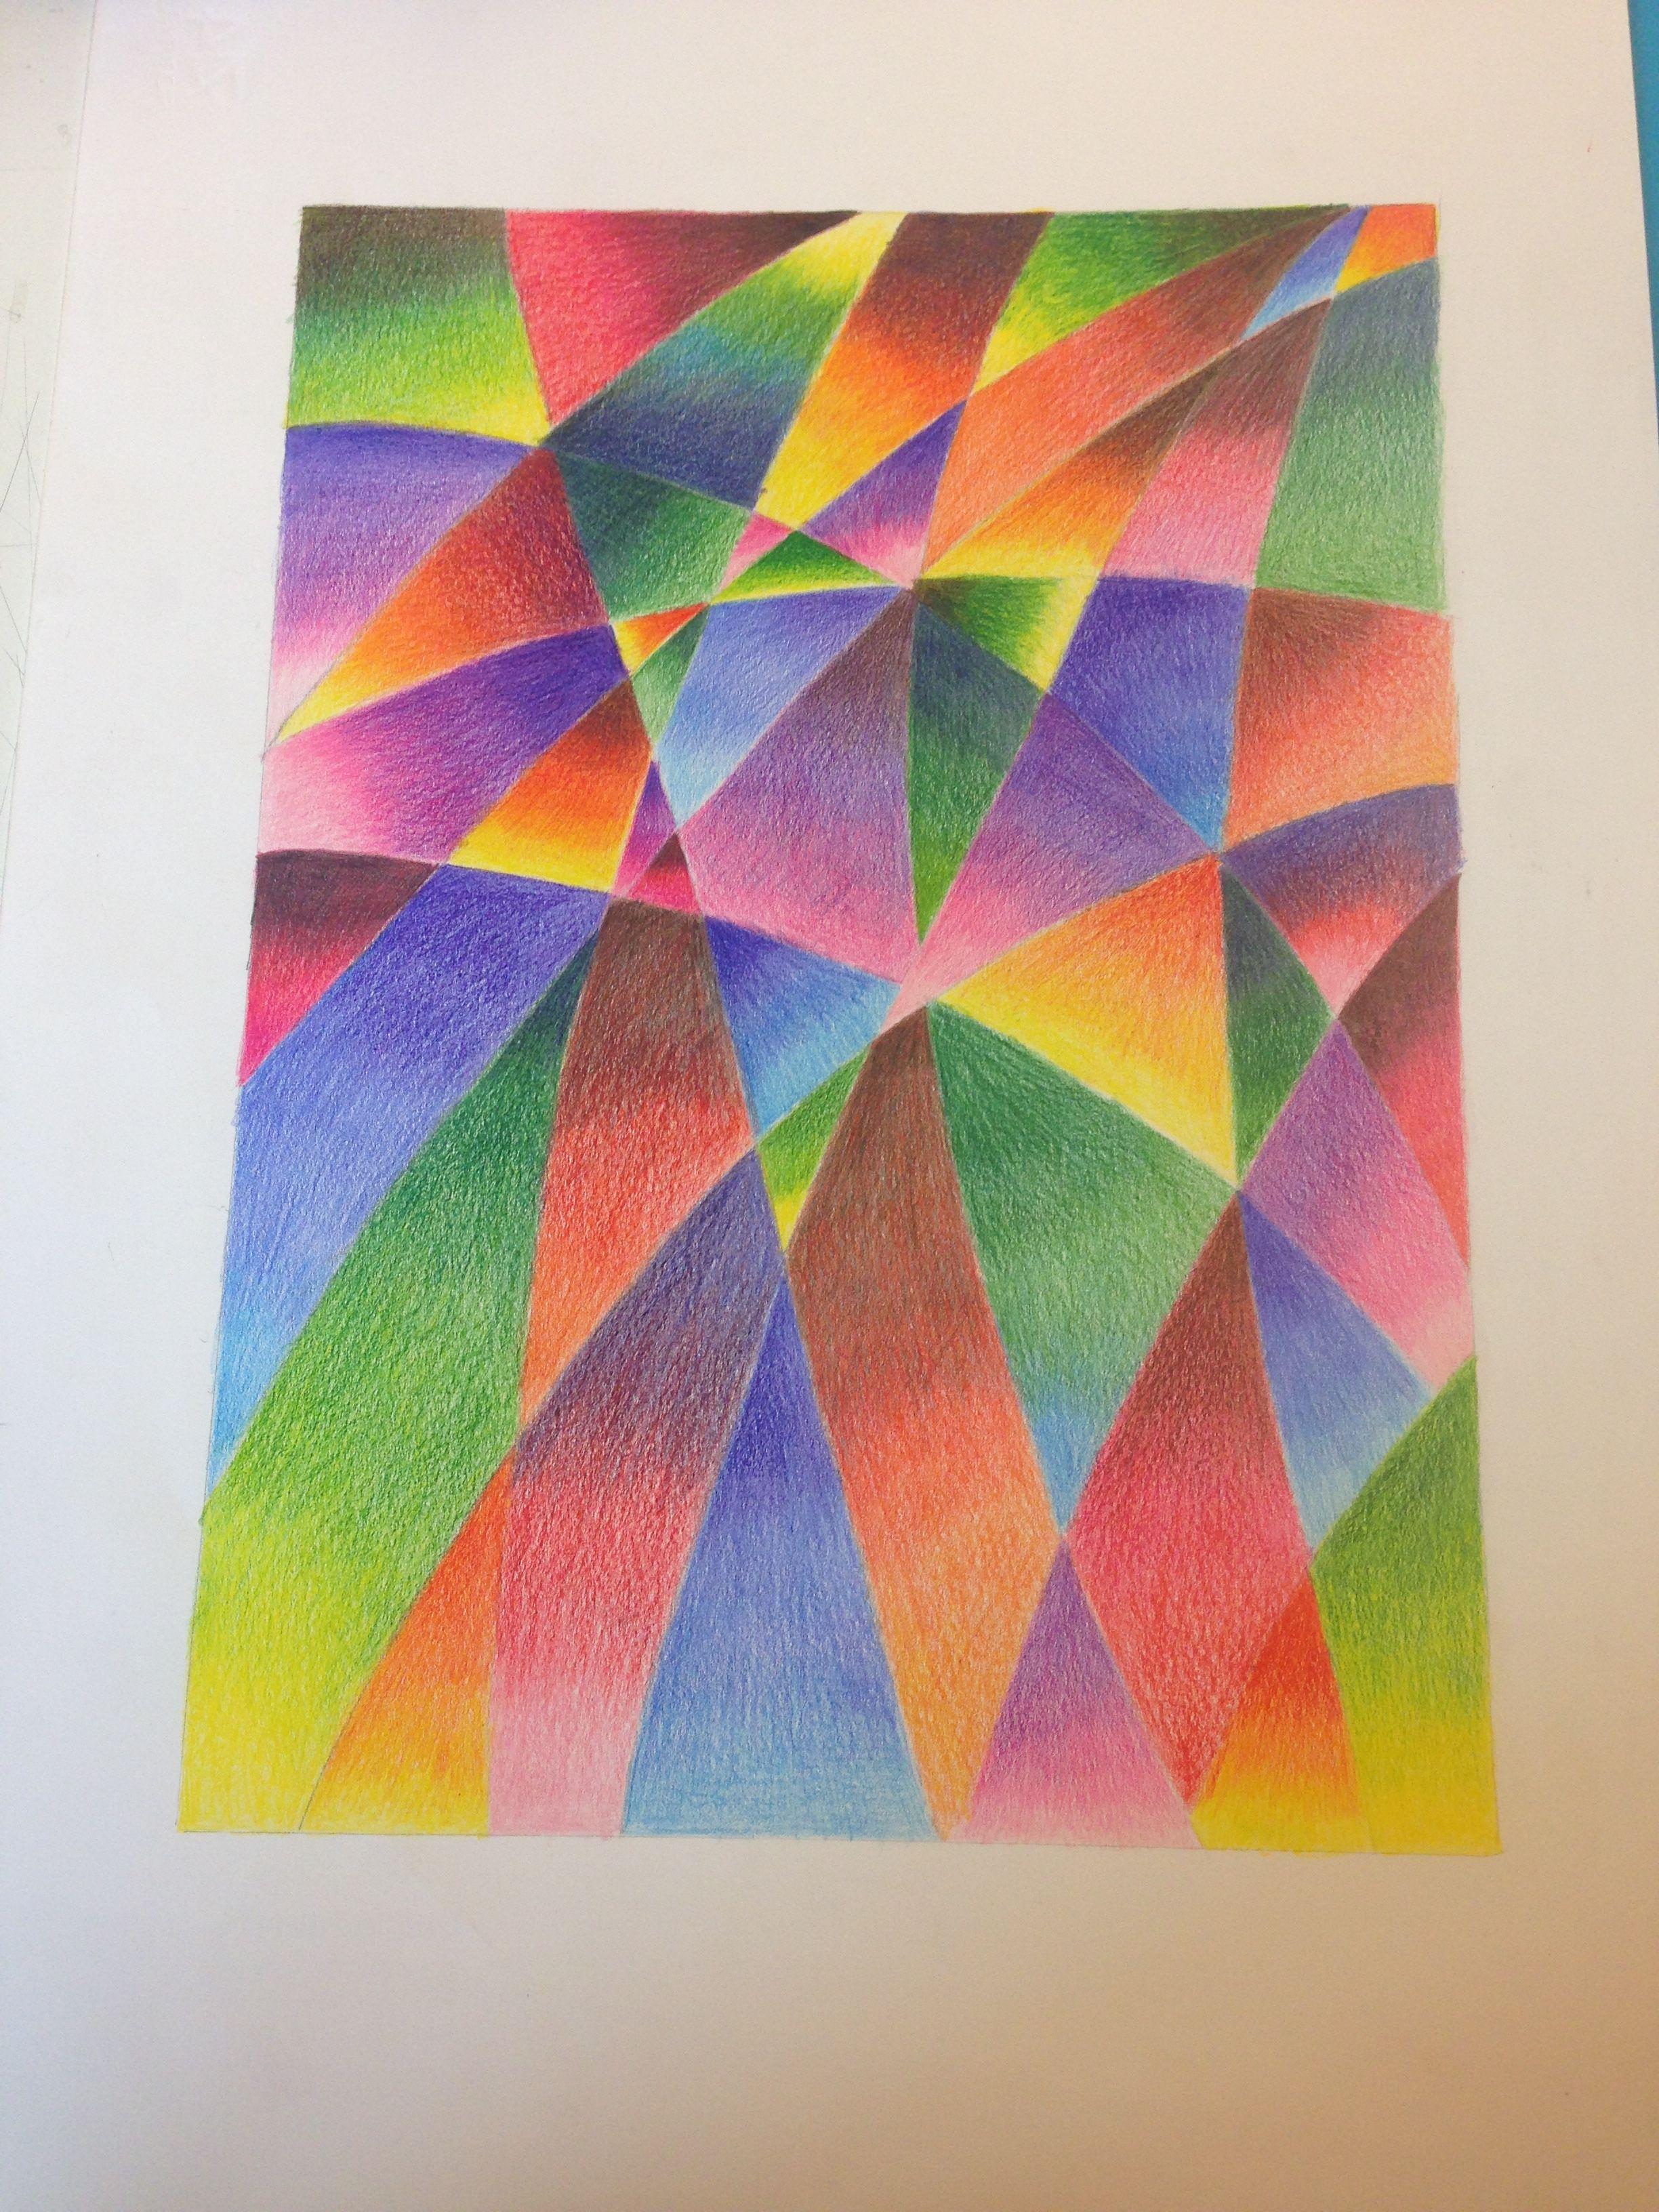 Sfumature Matite Colorate Pittura E Disegno Disegni Astratti